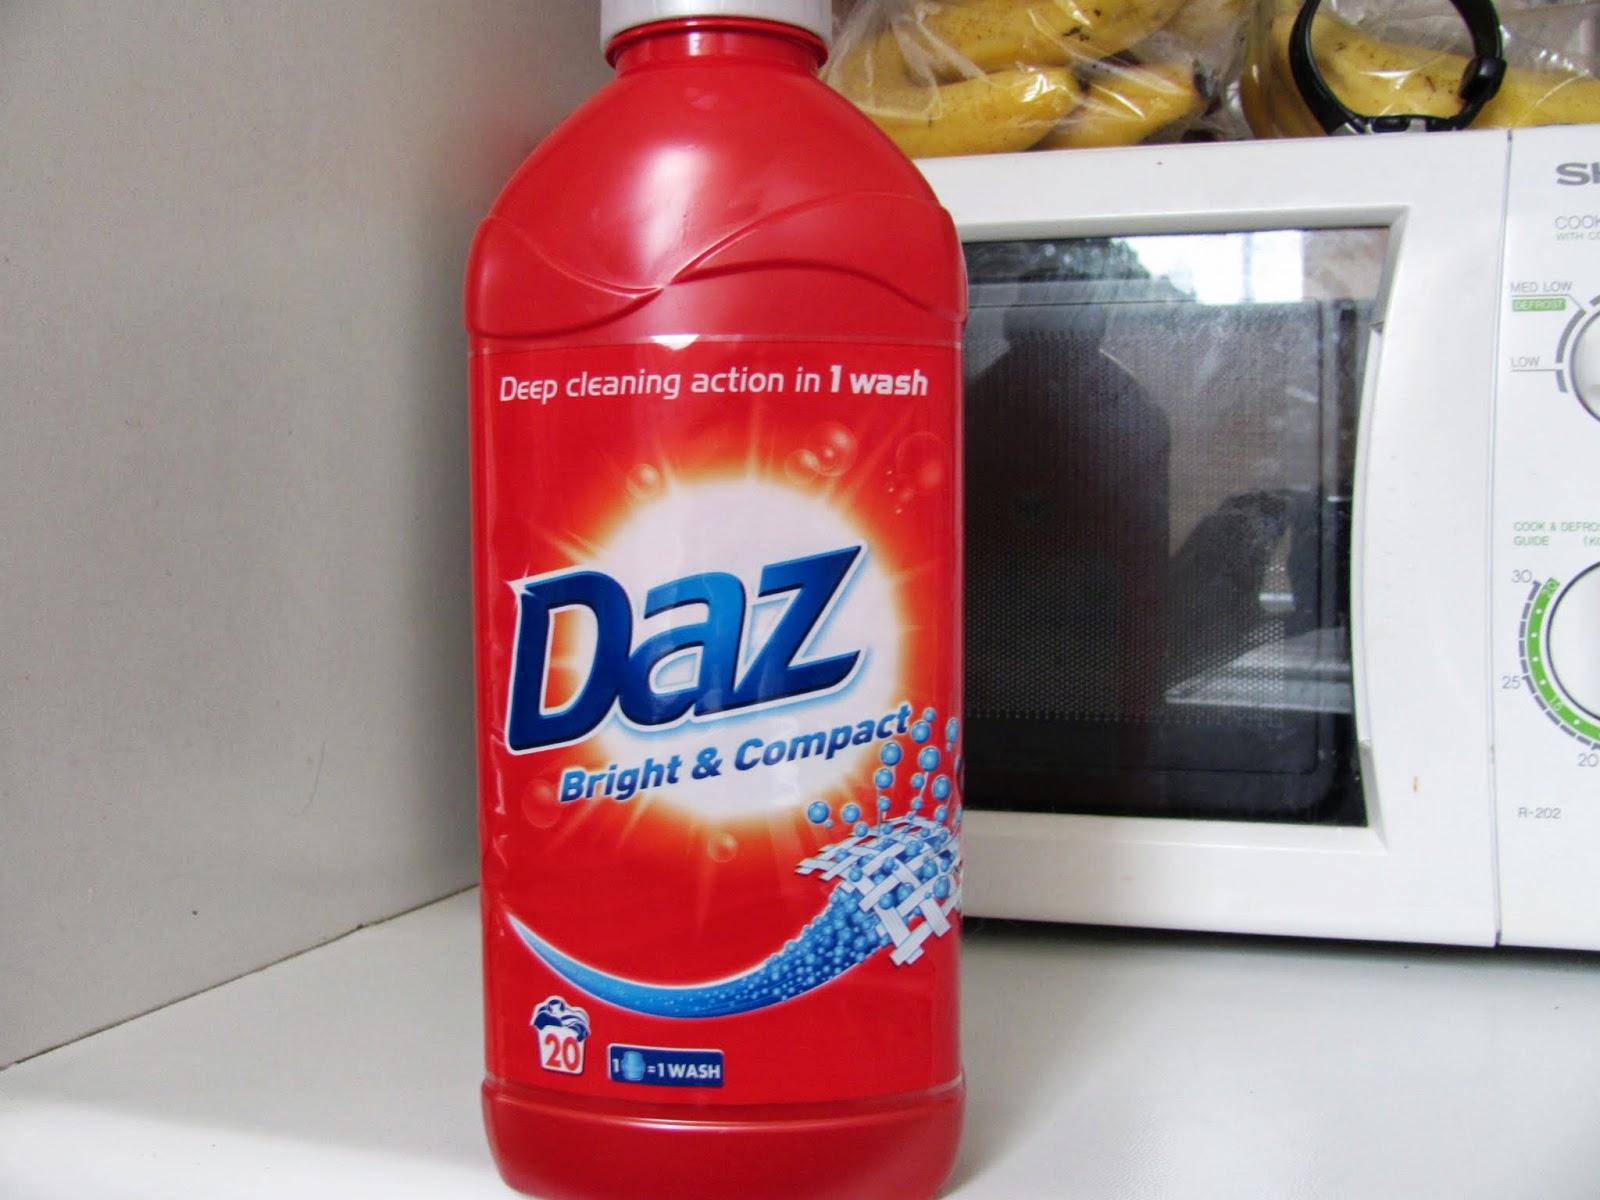 Daz laundry soap in a red bottle